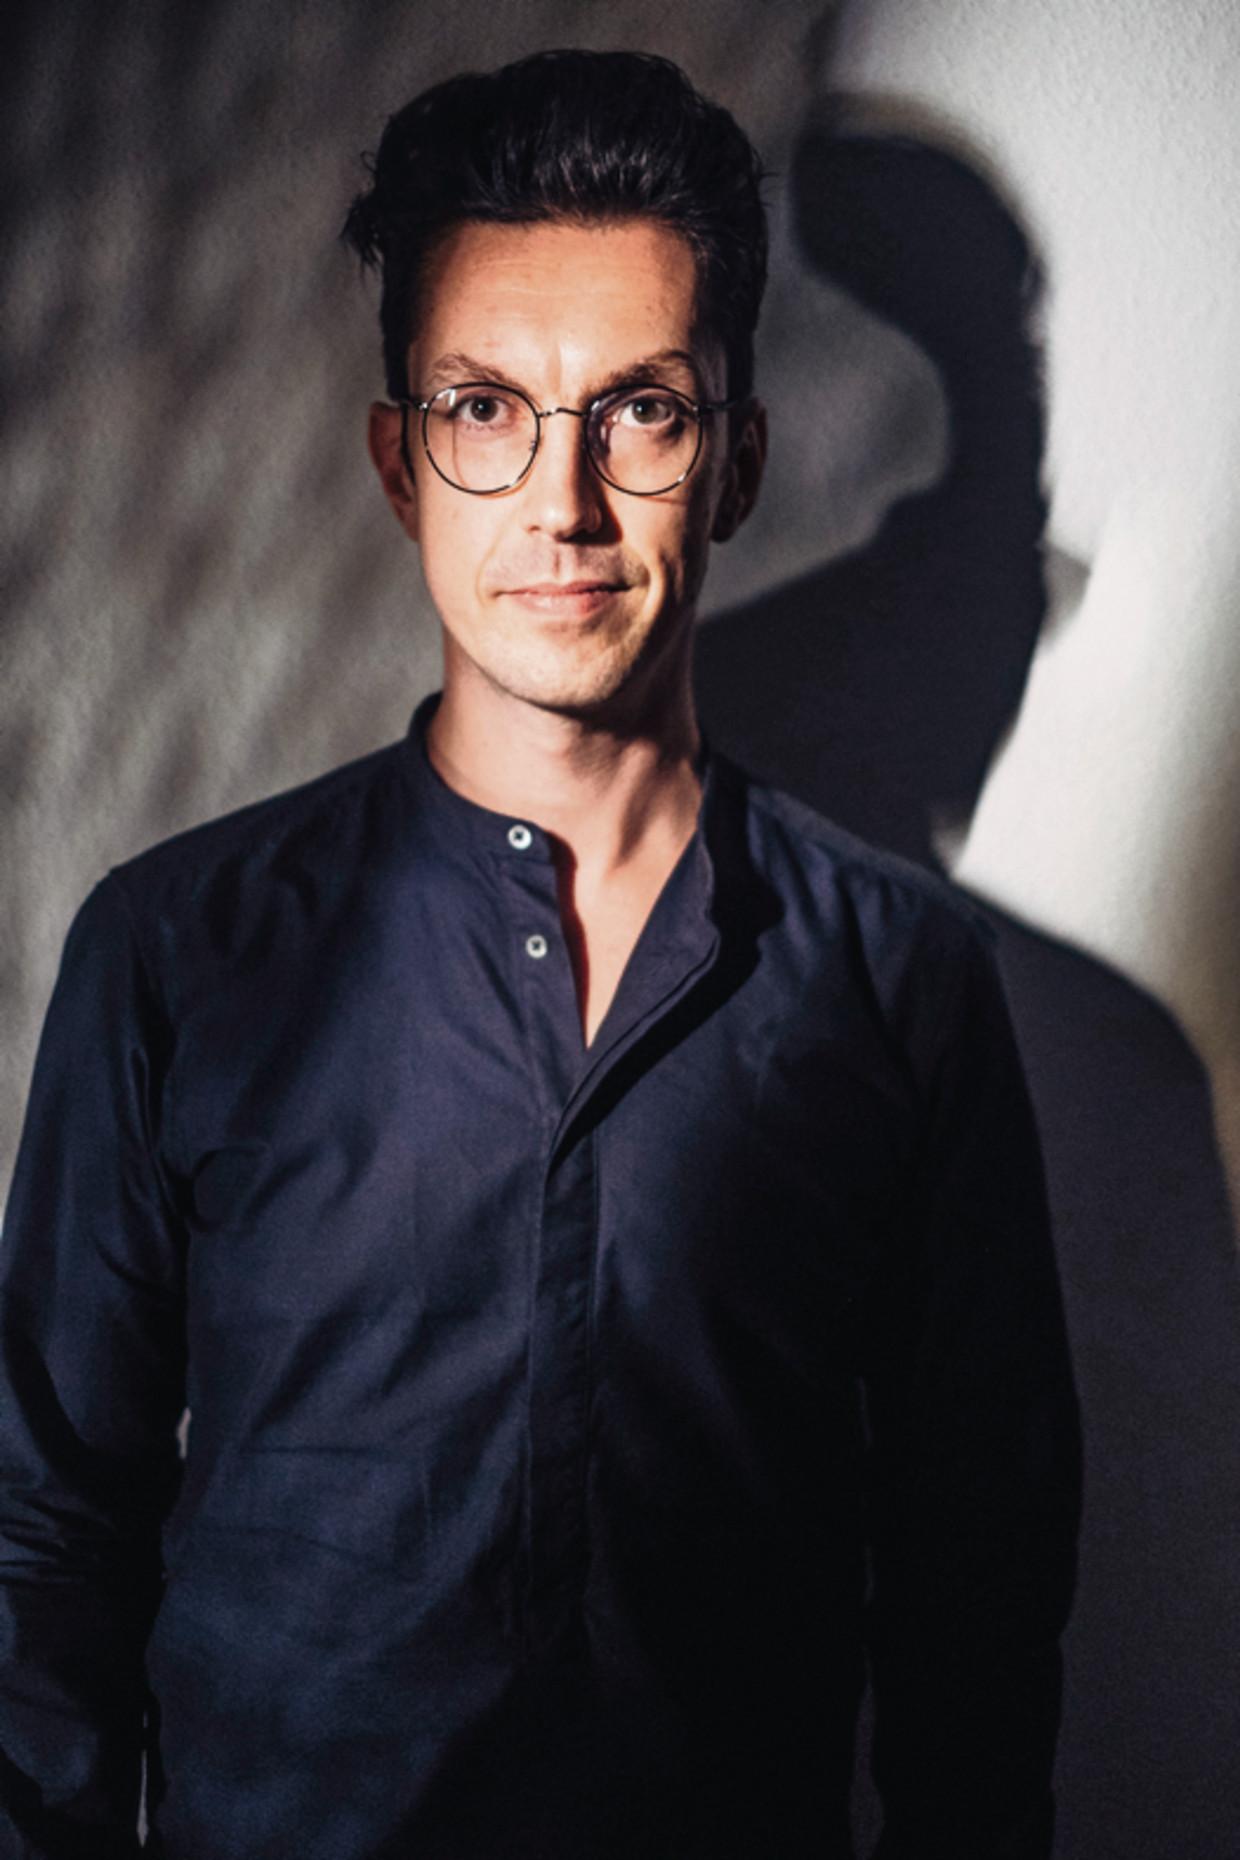 20190220 Gent Belgium: Steven Van Herreweghe is televisiepresentator en acteur. Beeld Stefaan Temmerman